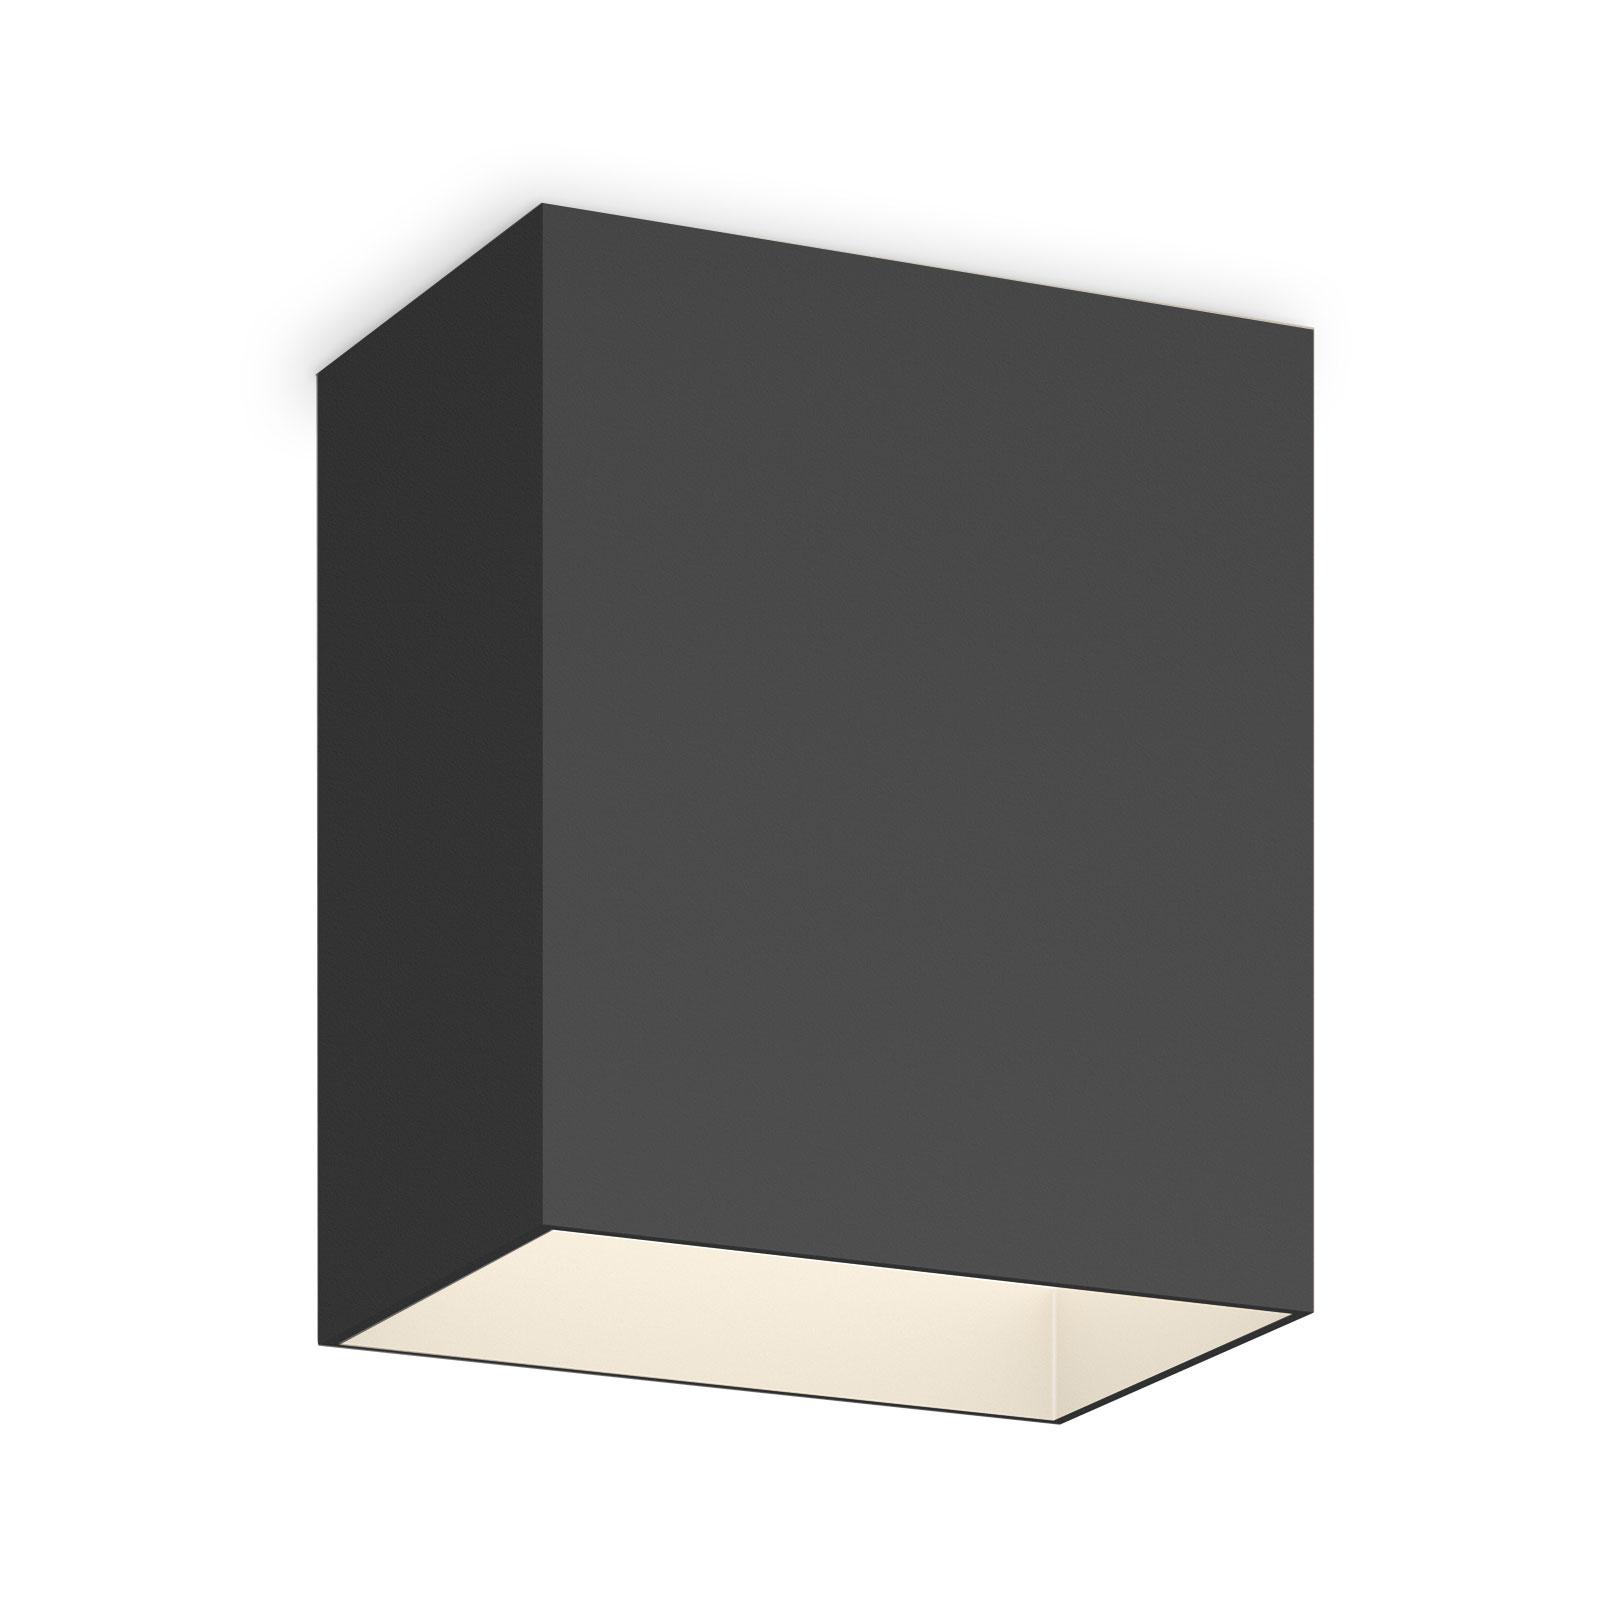 Vibia Structural 2630 plafoniera 18 cm, scuro